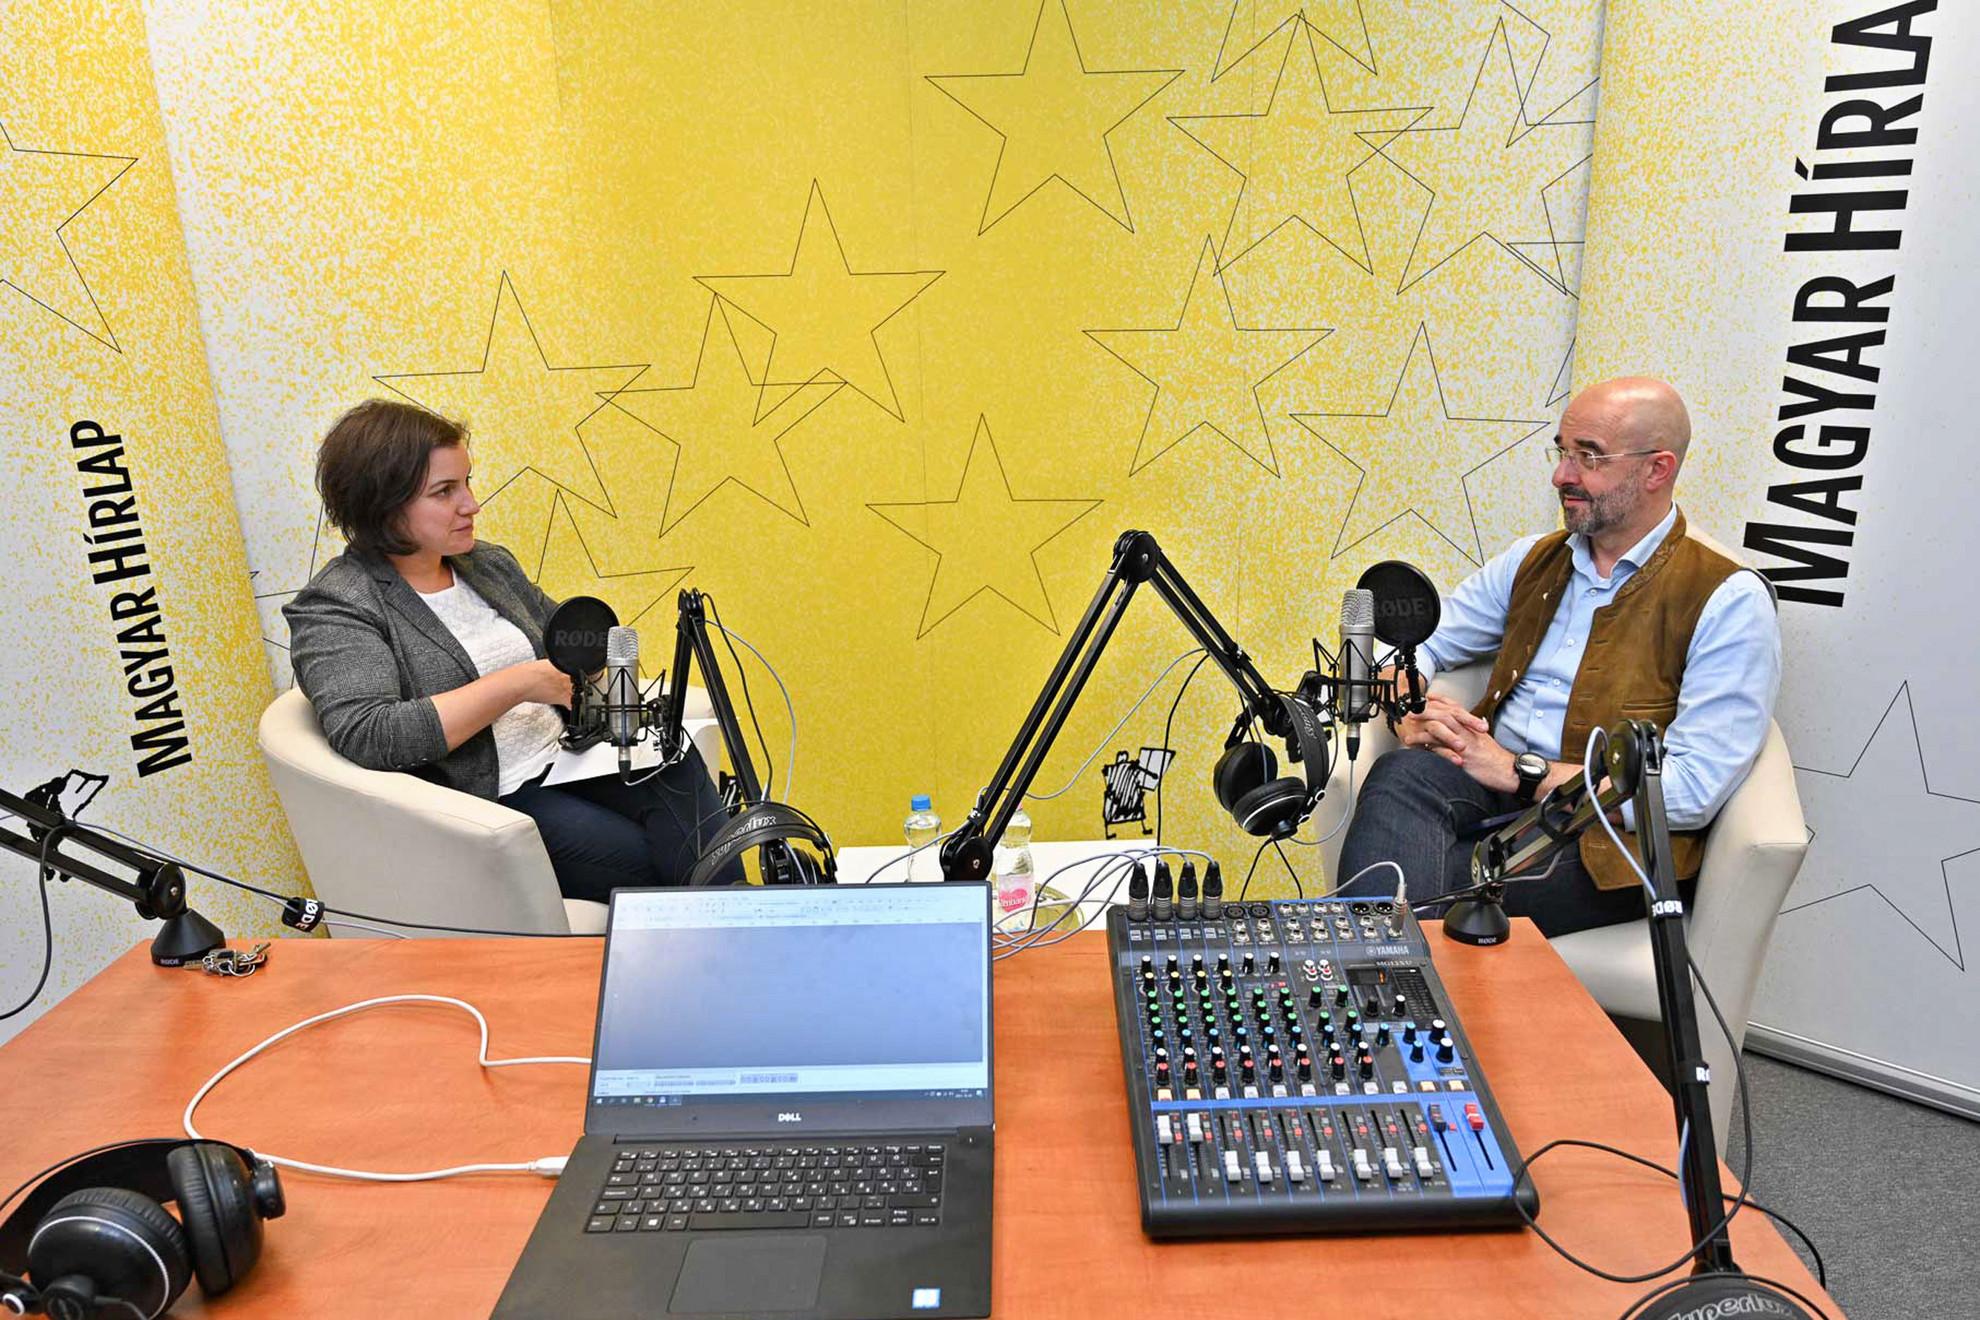 Lapunk főmunkatársa, Őry Mariann és Kovács Zoltán nemzetközi kommunikációért és kapcsolatokért felelős államtitkár a Faktum felvételén